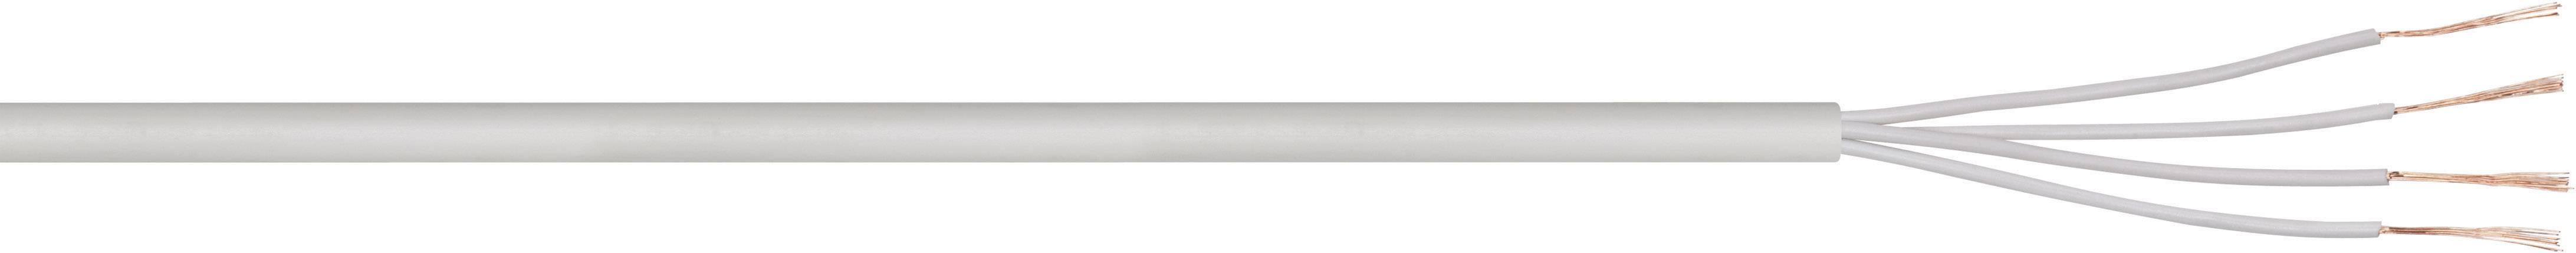 Signalizační kabel LappKabel 49900206, bílá, 1 m